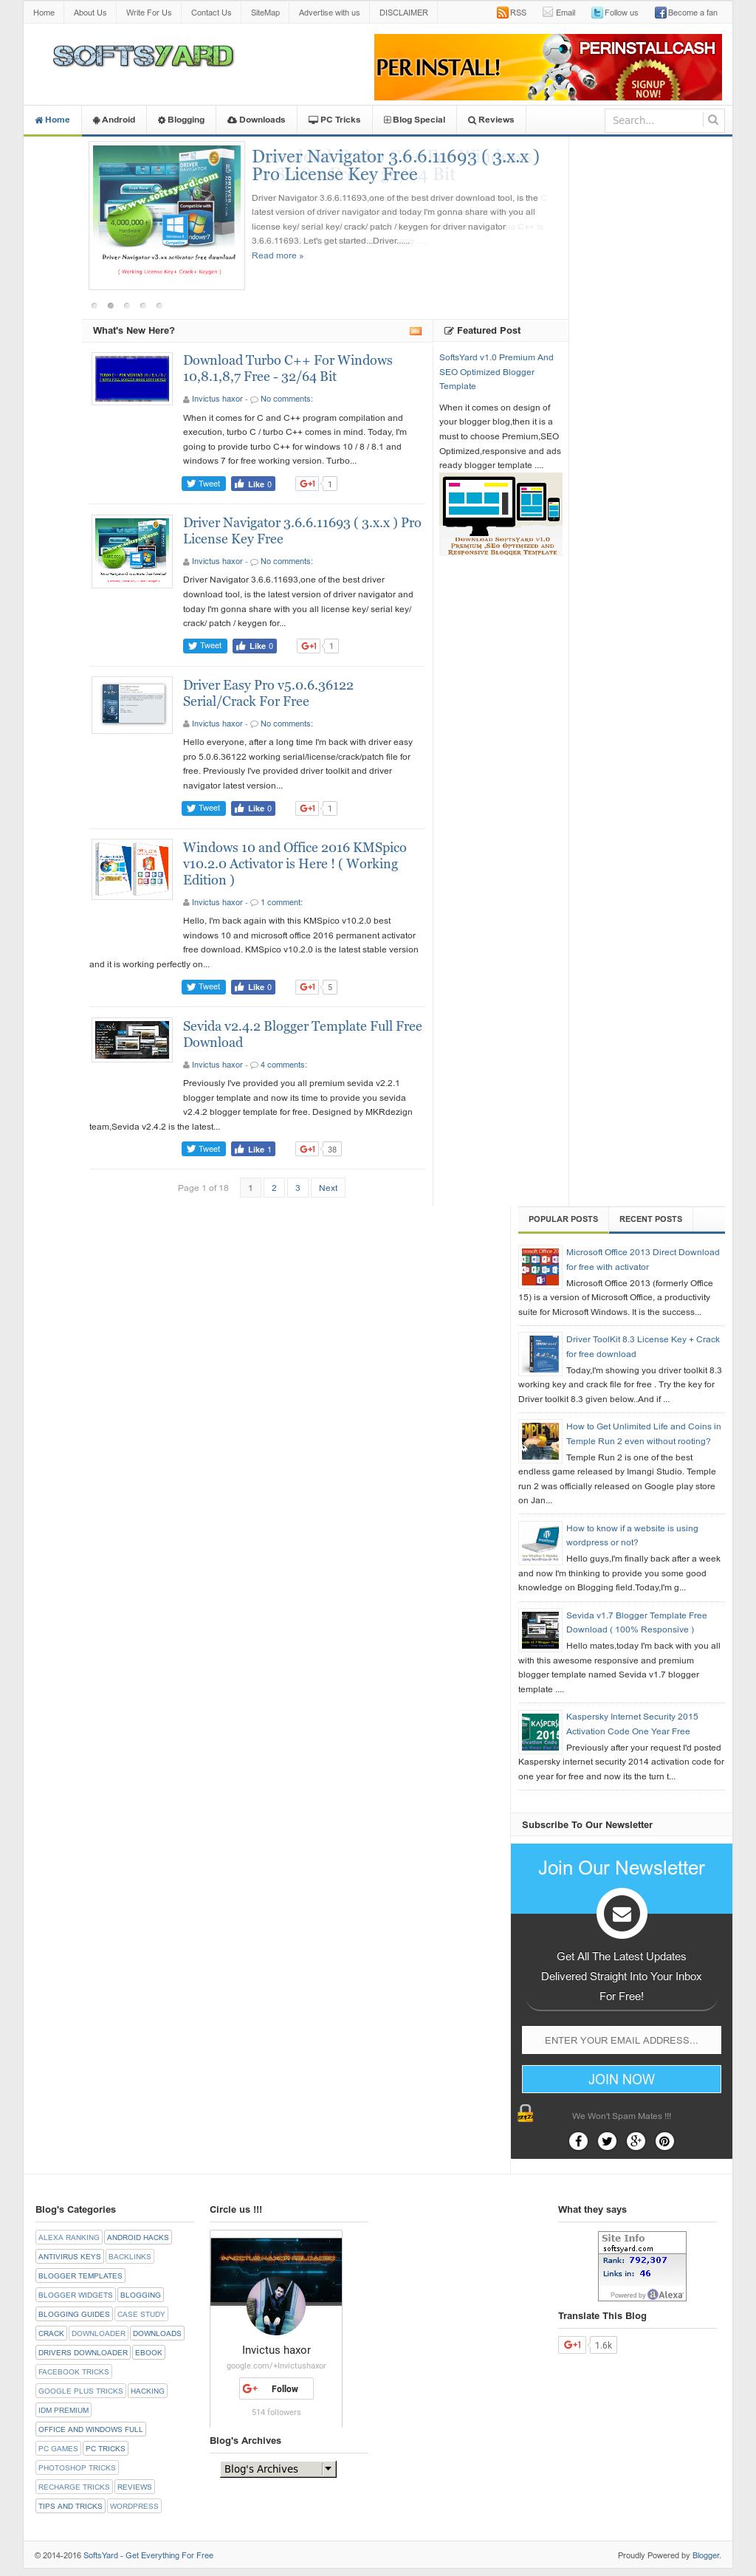 Owler Reports - Softsyard Blog Temple Run 2 Frozen Shadows